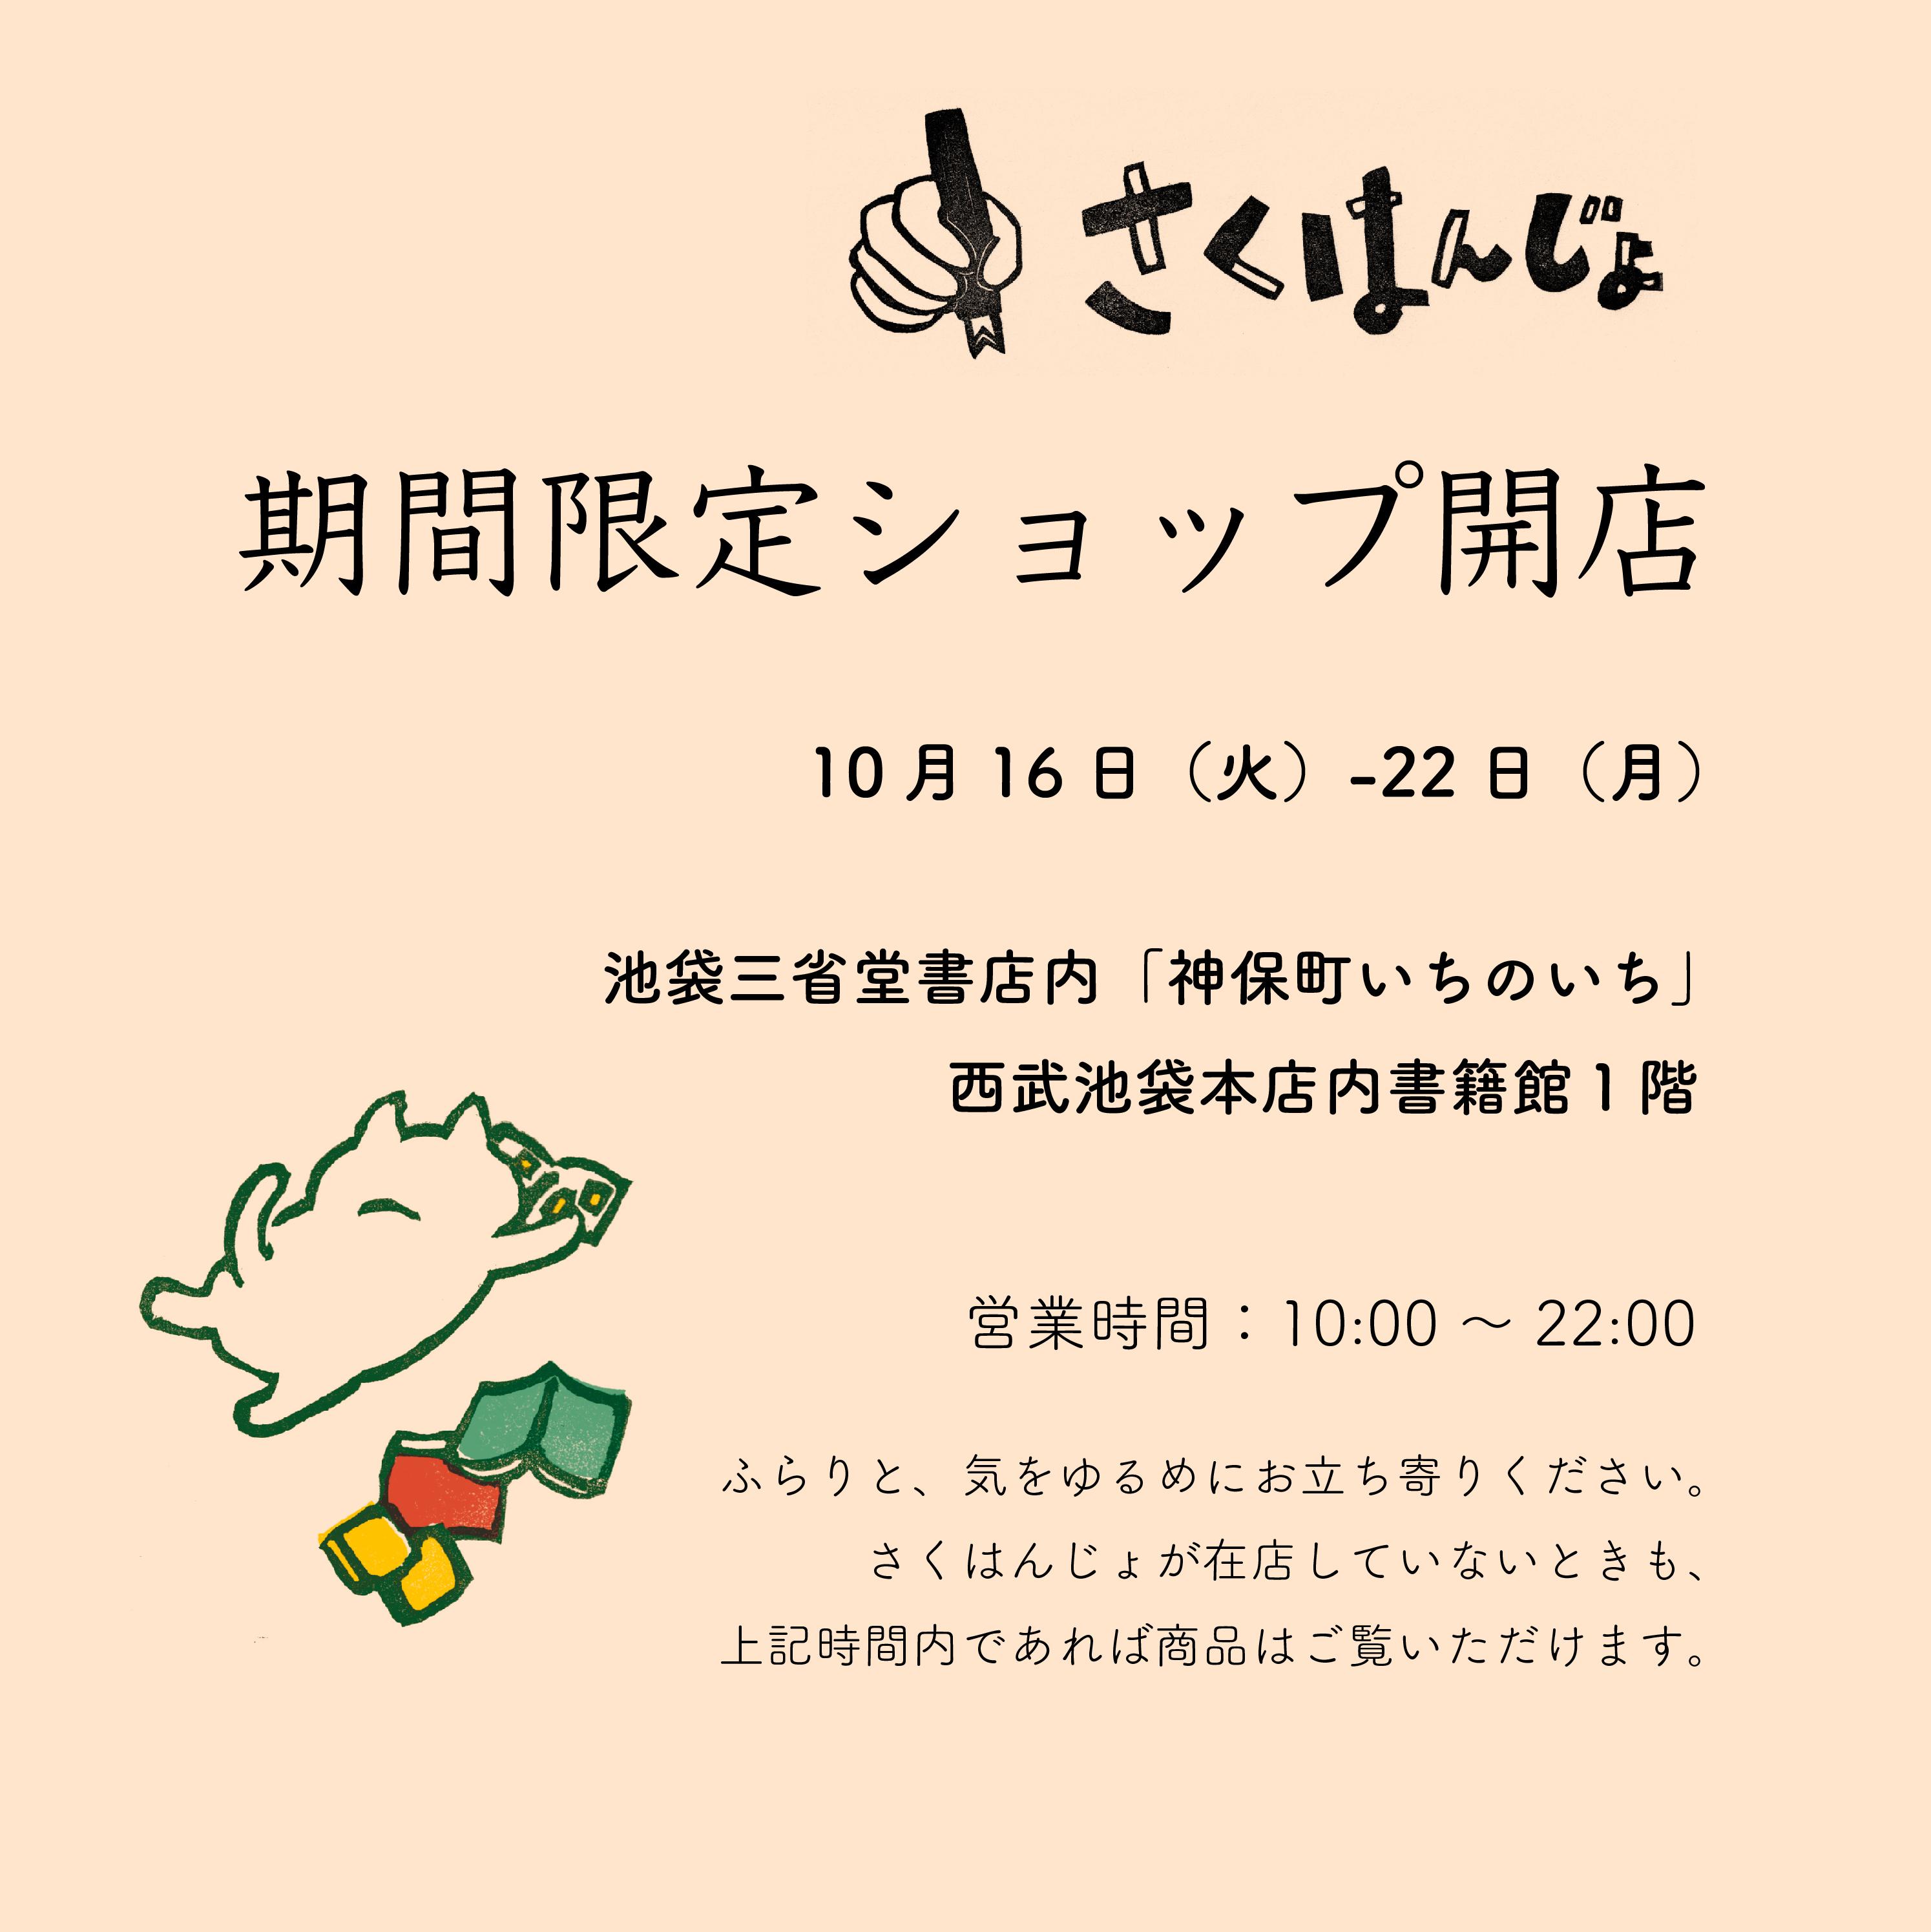 10月16日(火)-22日(月)池袋三省堂書店内「神保町いちのいち」